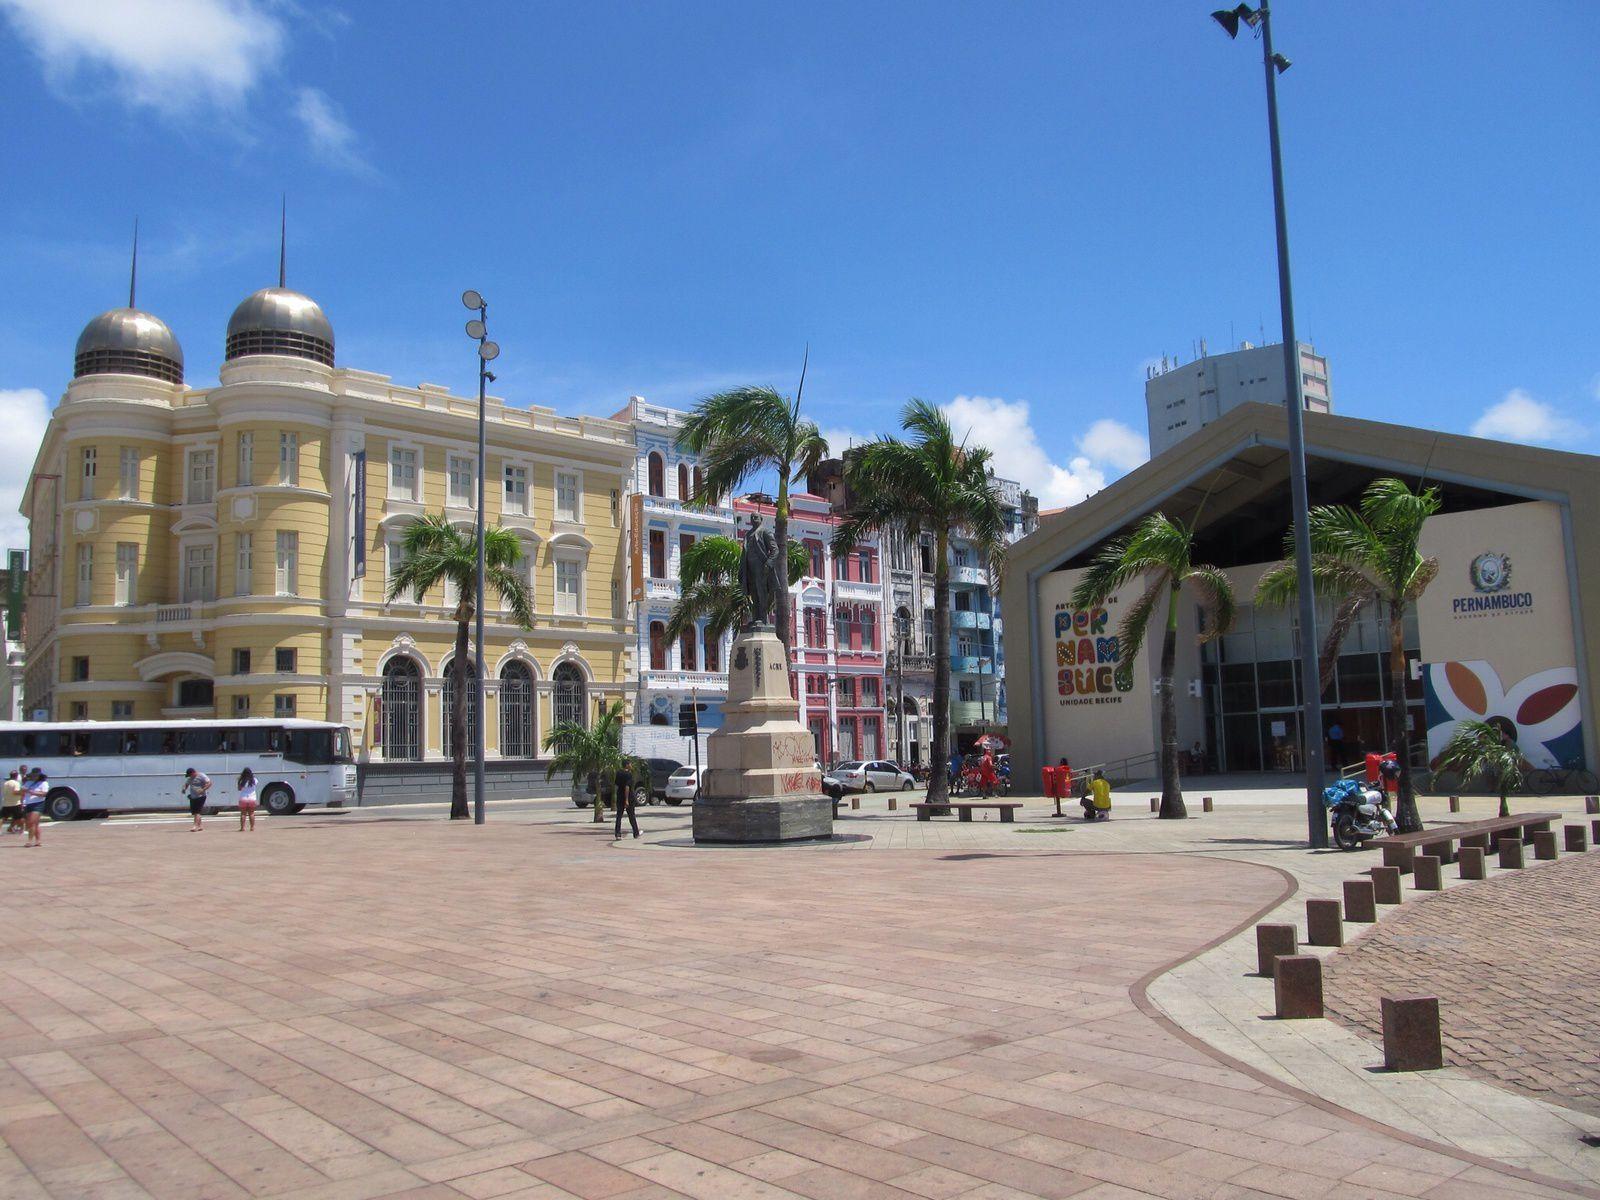 NOUS SOMMES À  2490 KM DE RIO DE JANEIRO